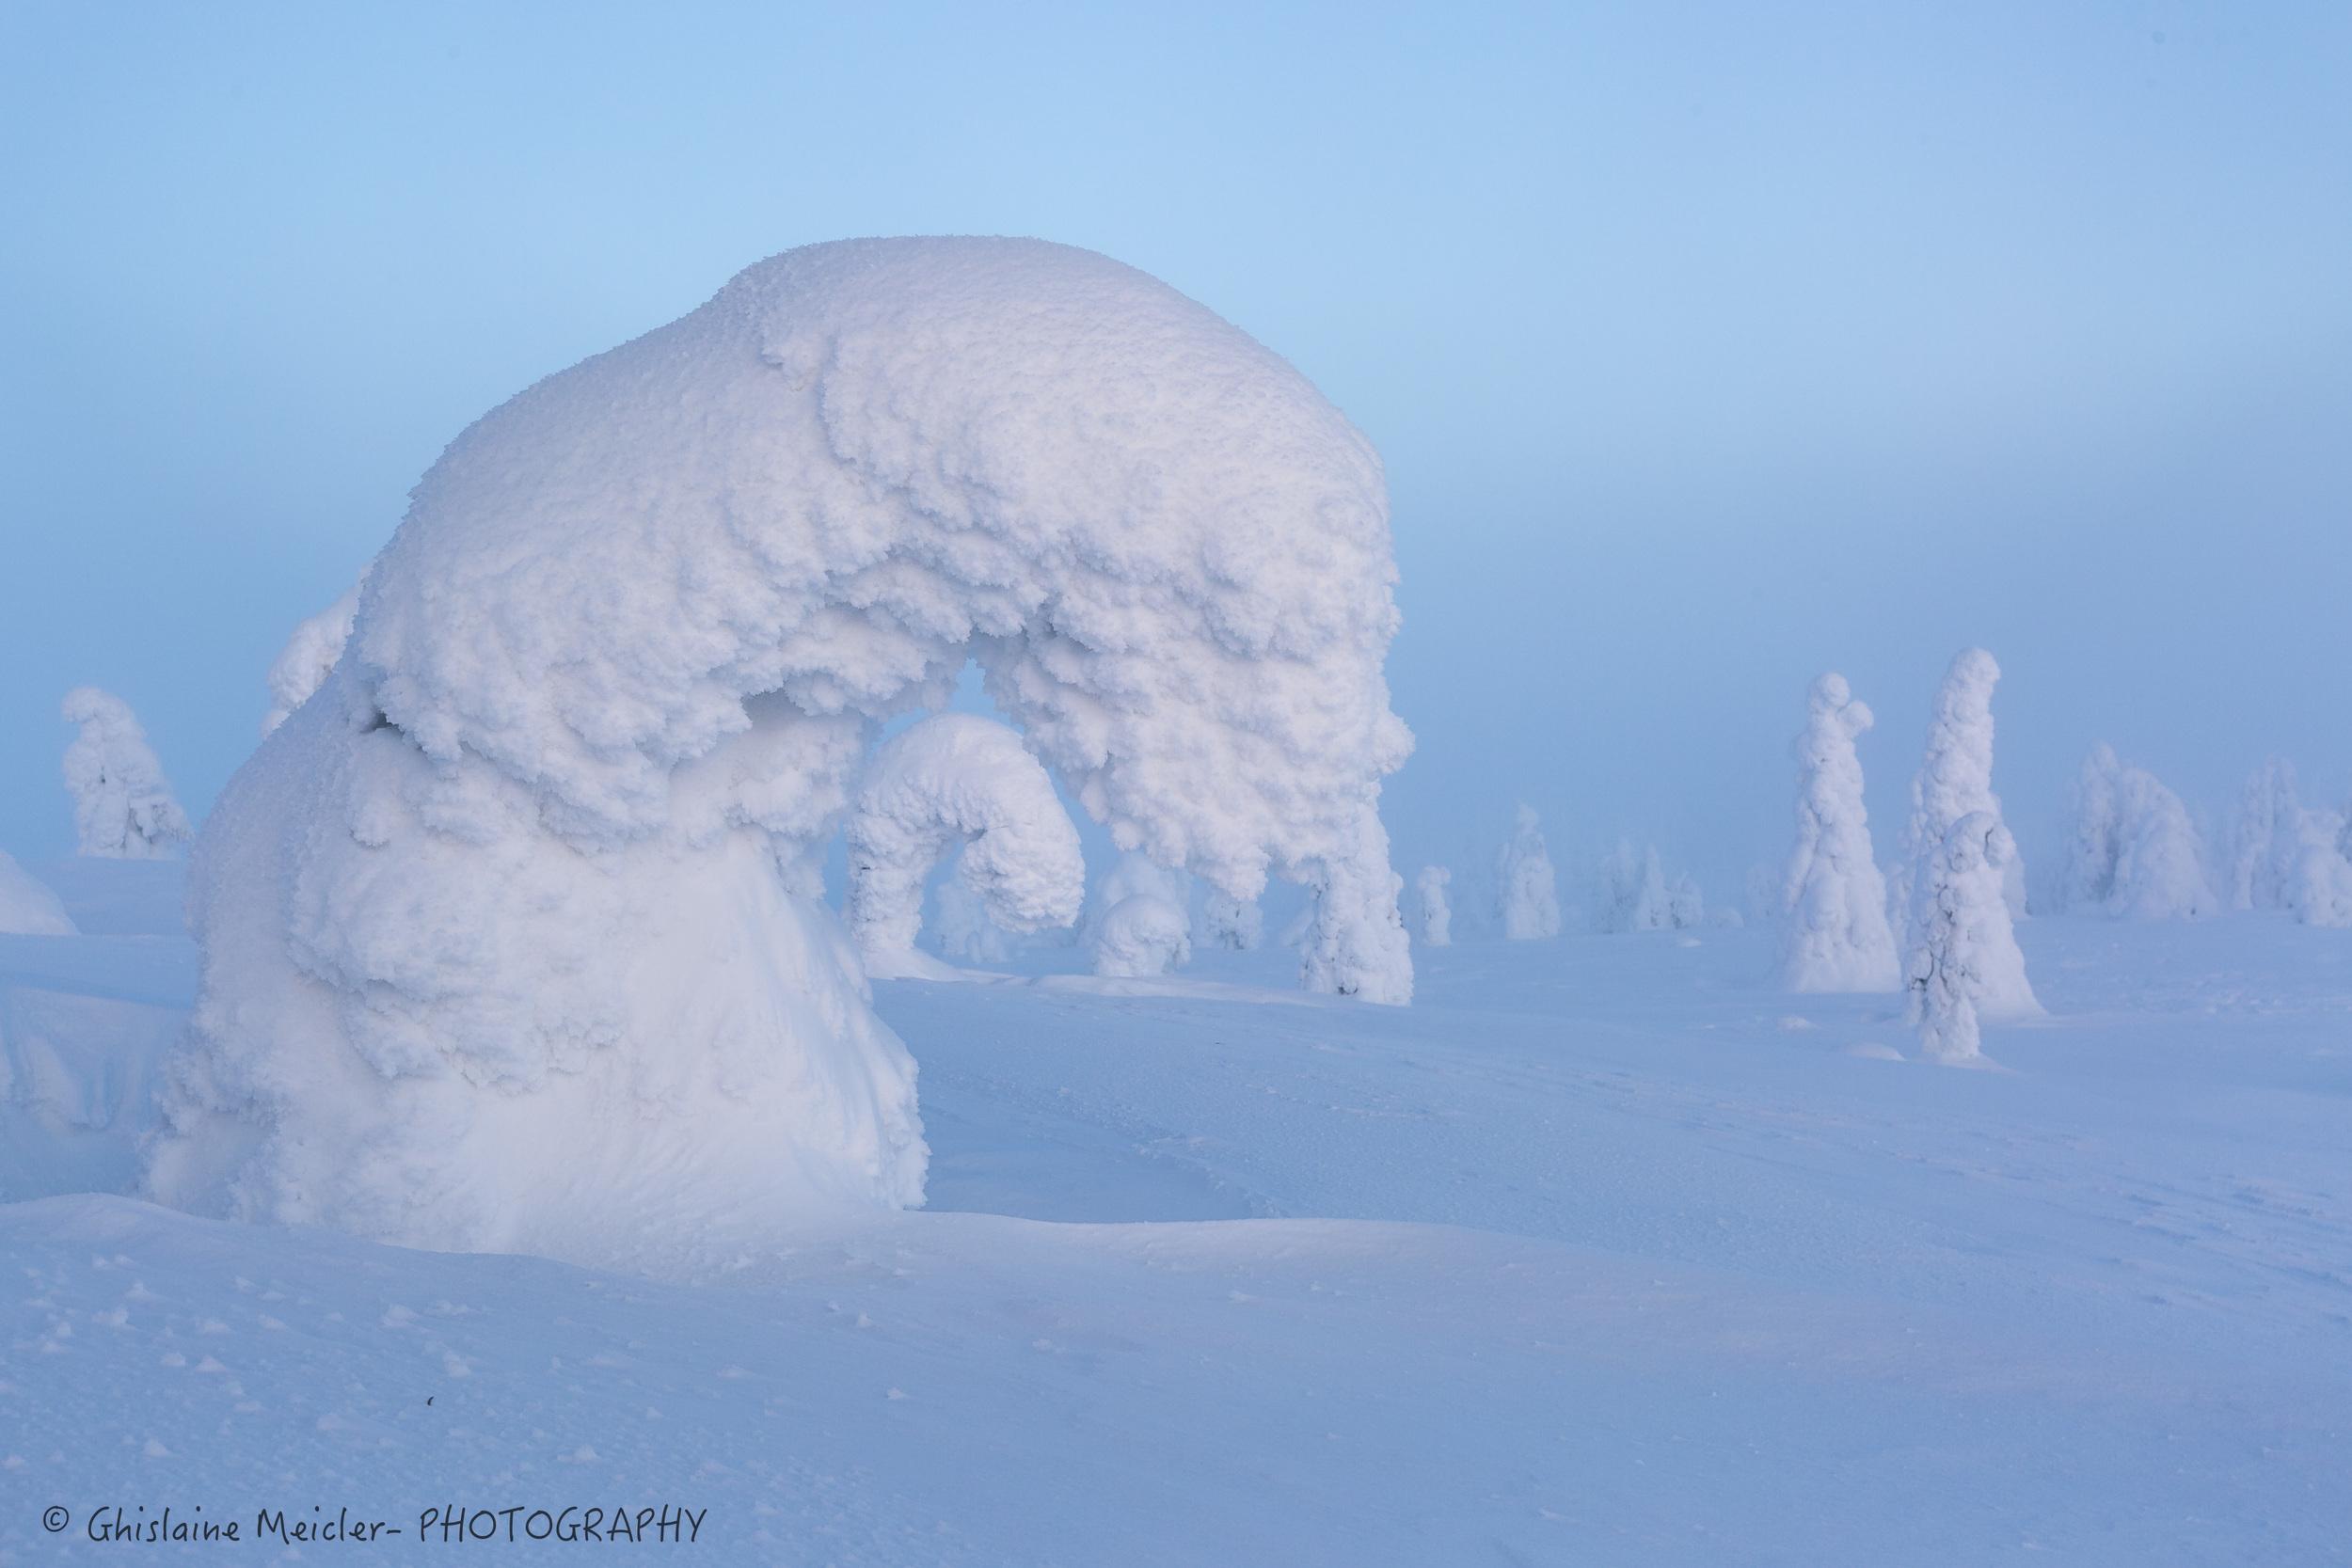 Finlande-722.jpg